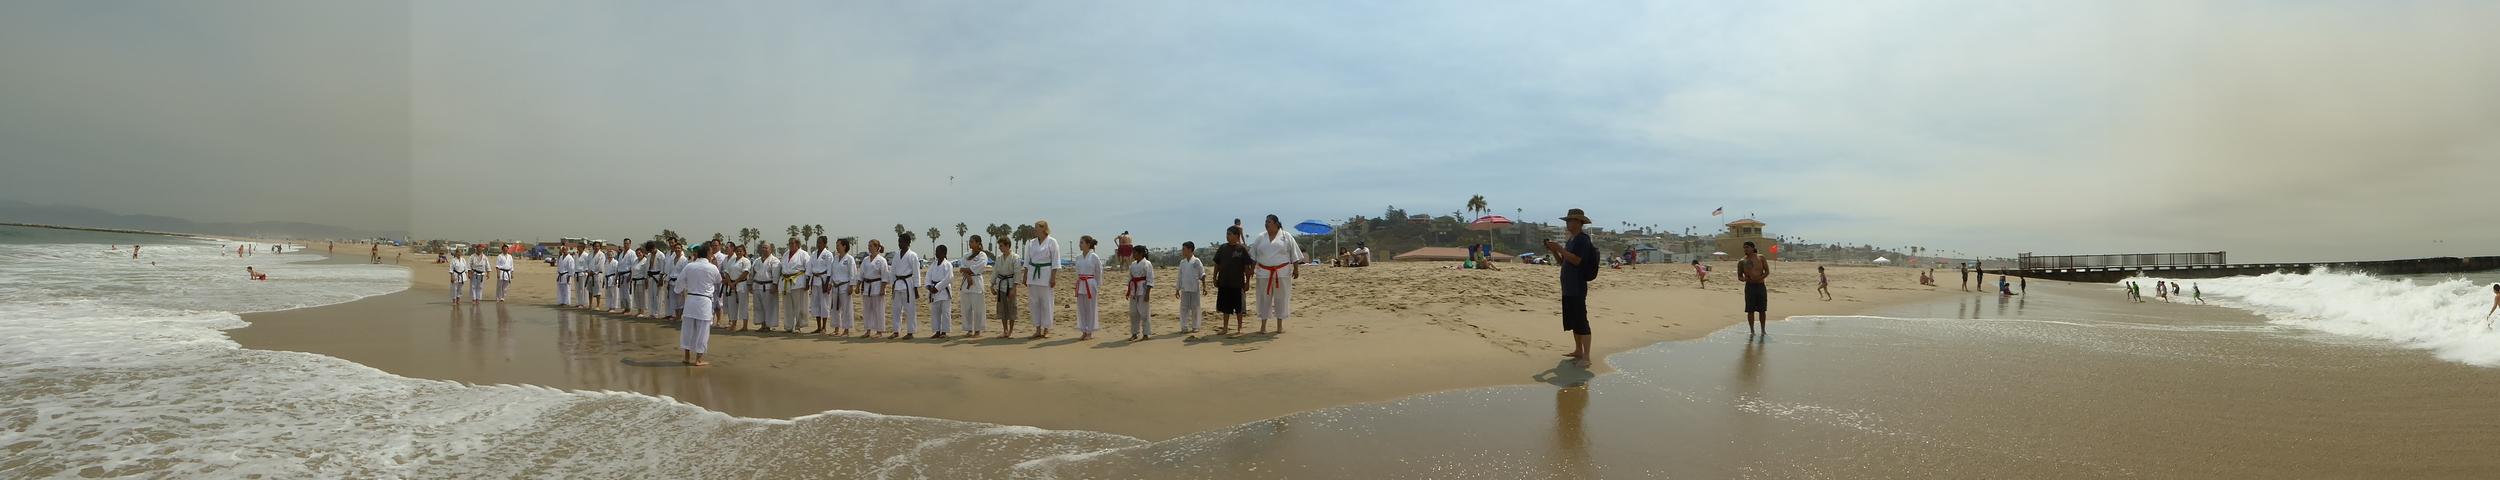 beach closing 7.23.16.JPG